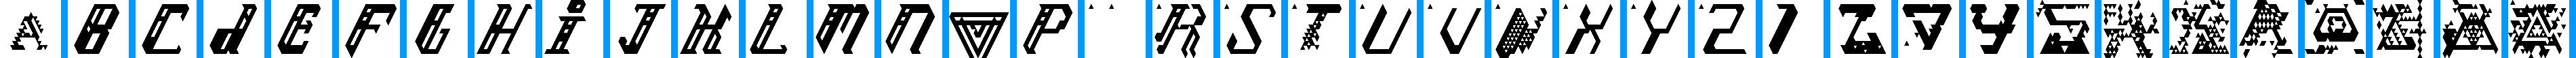 Particip-a-type v.278